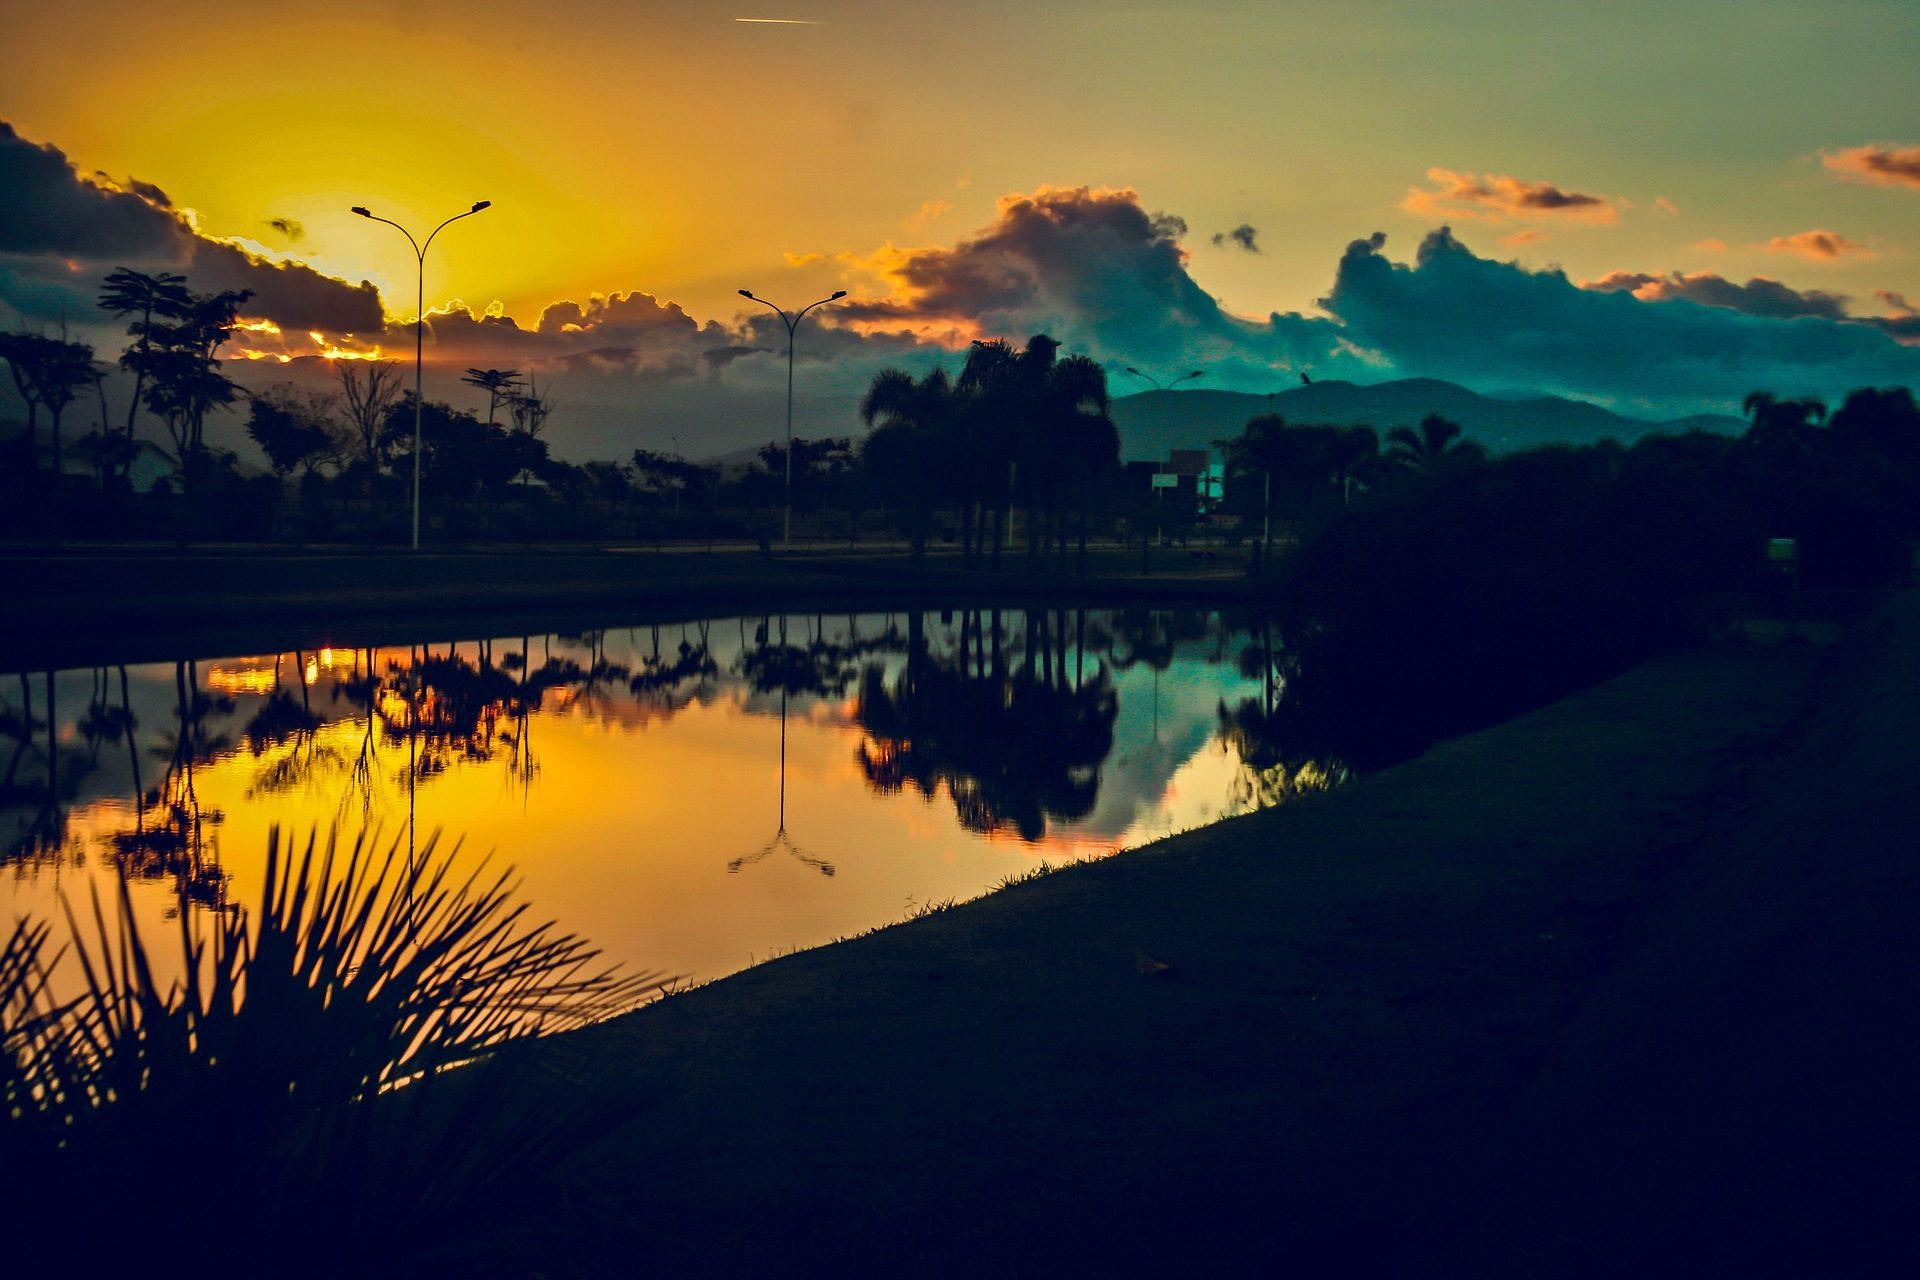 Rio, Lago, Parque, árvores, Pôr do sol, nuvens - Papéis de parede HD - Professor-falken.com